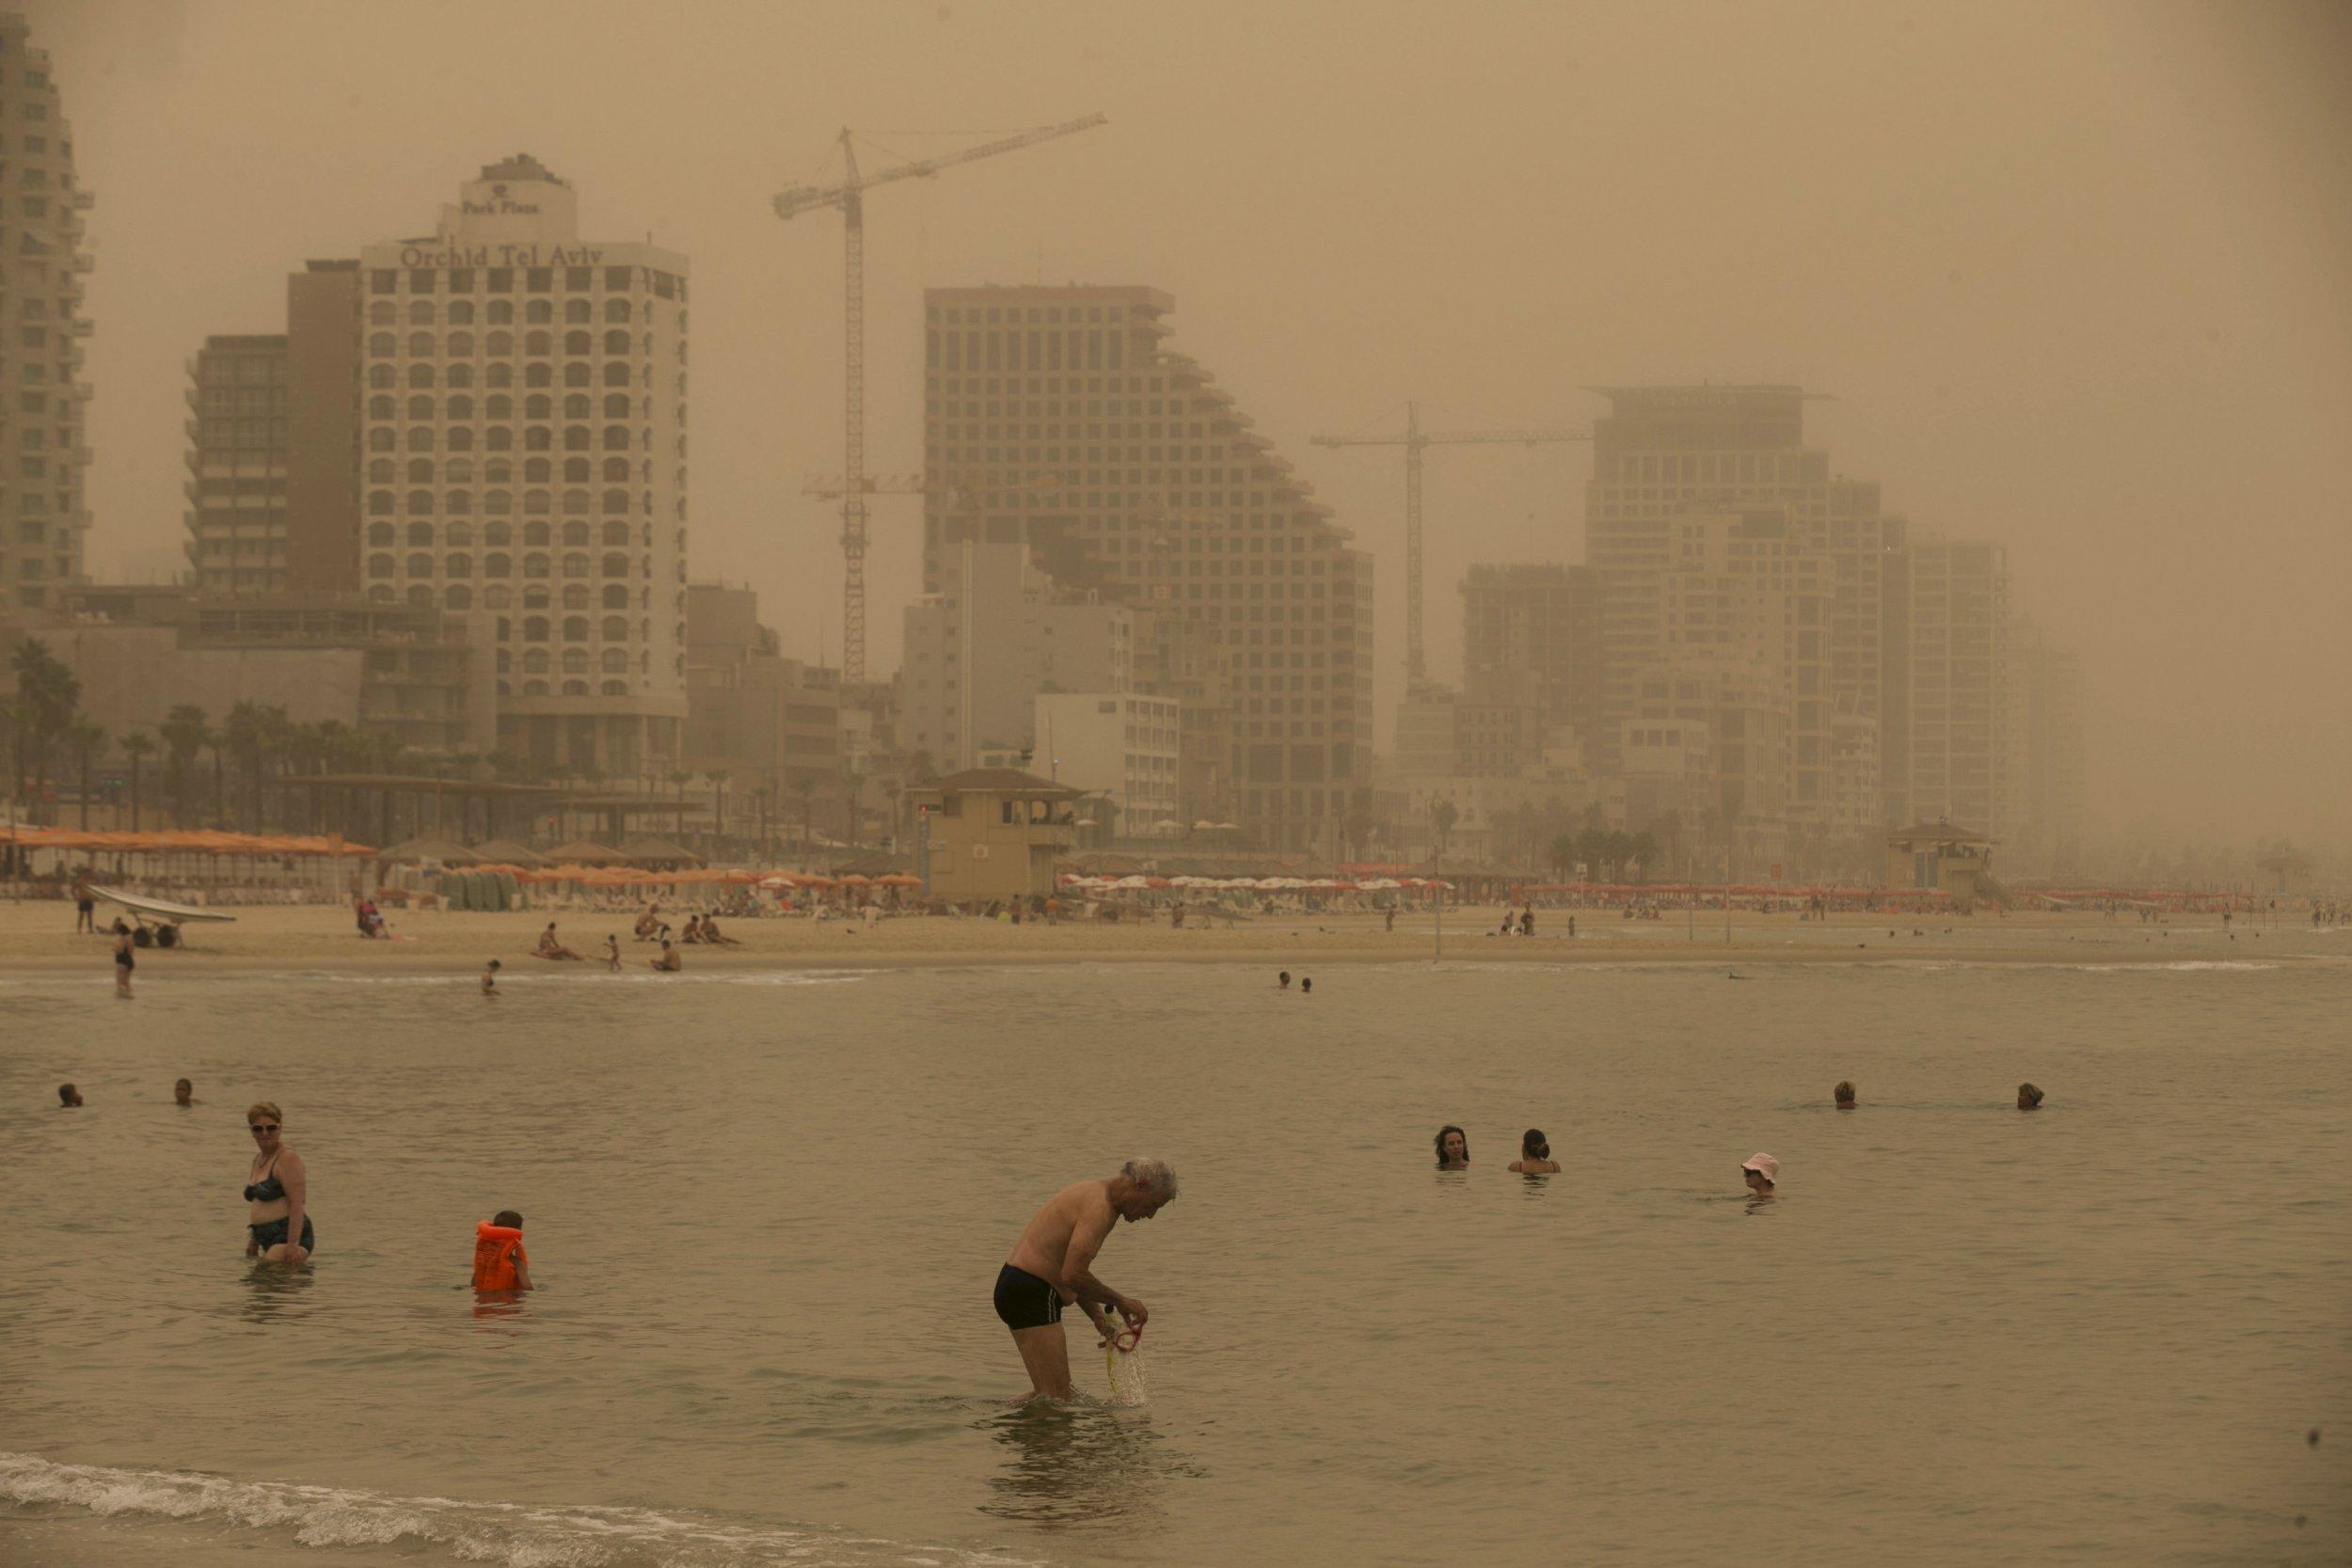 09_14 Israel Sandstorm Refugees